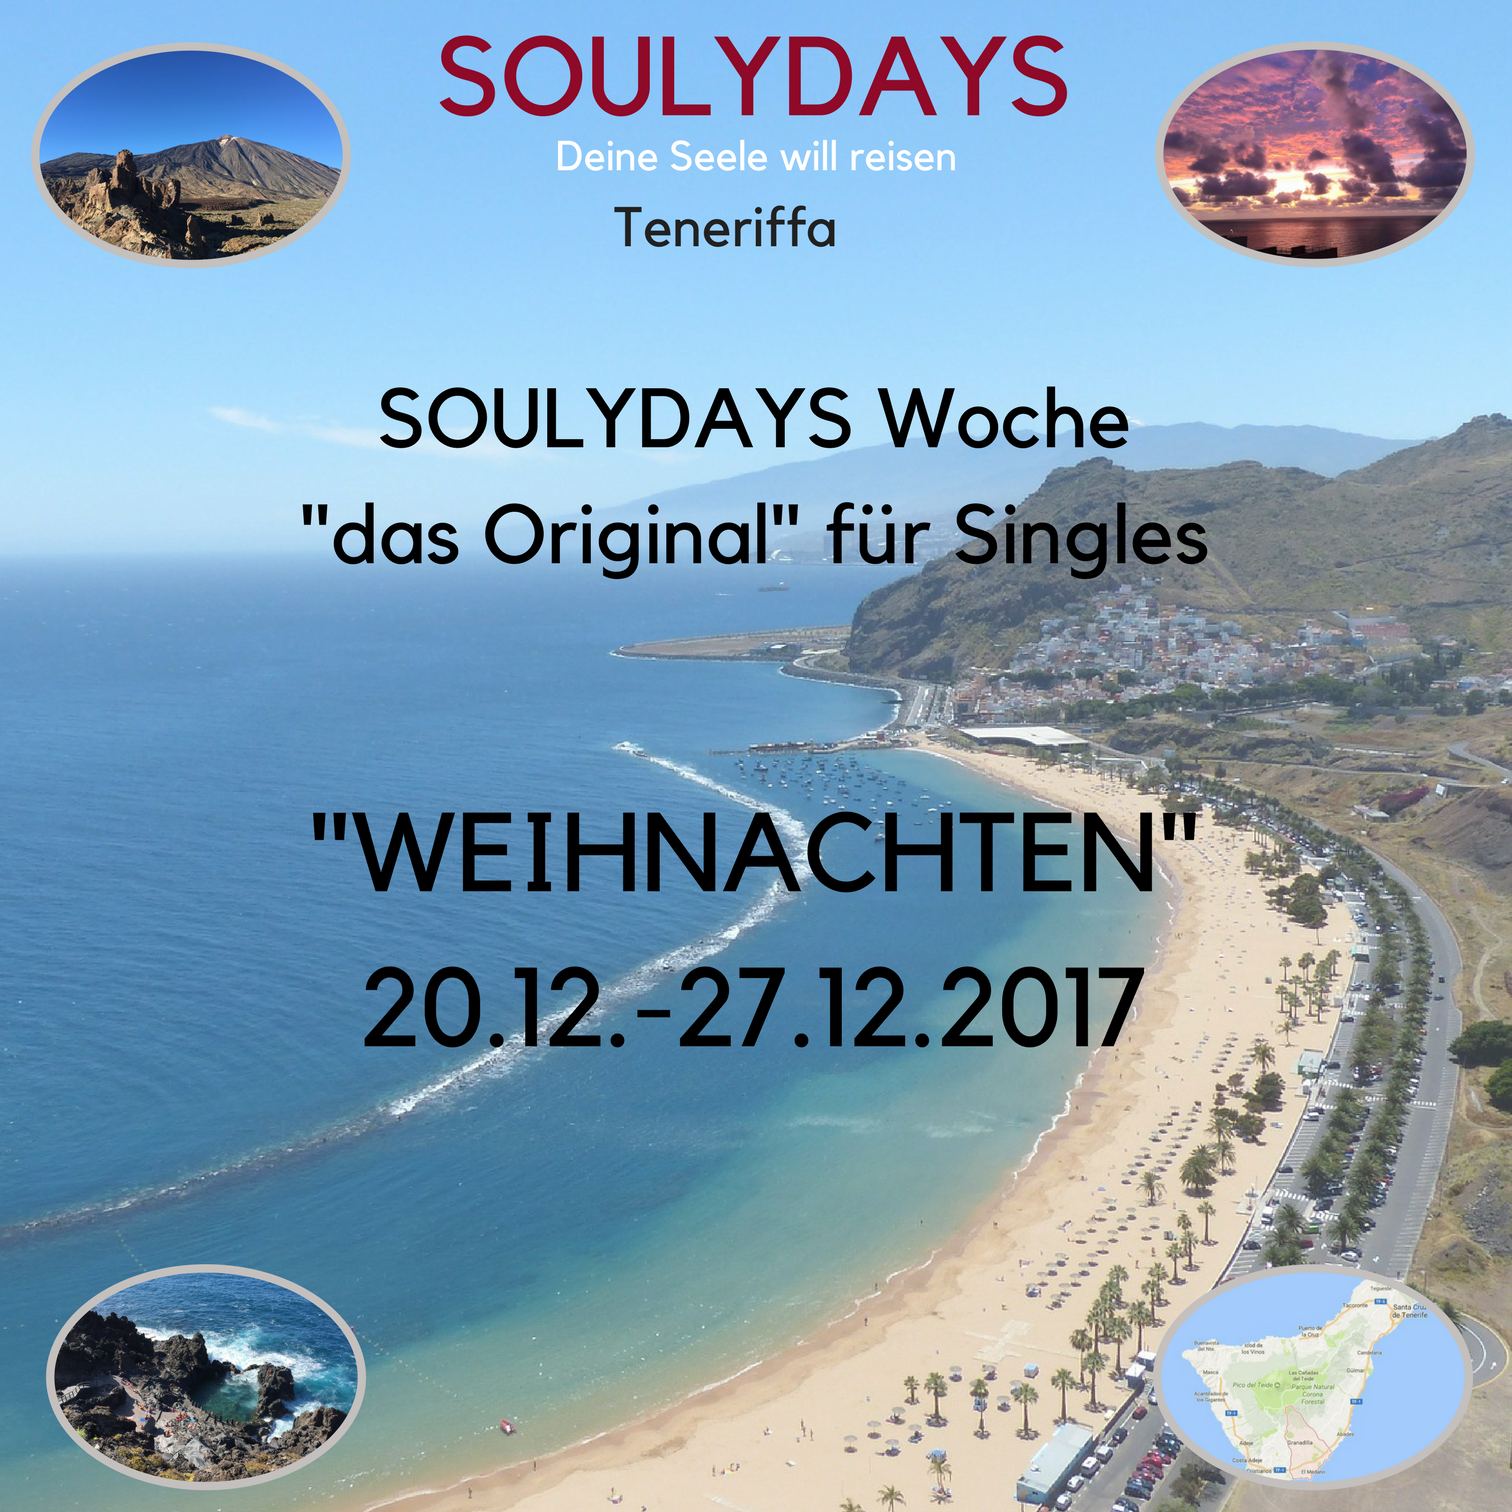 Weihnachten 2017 für SINGLES